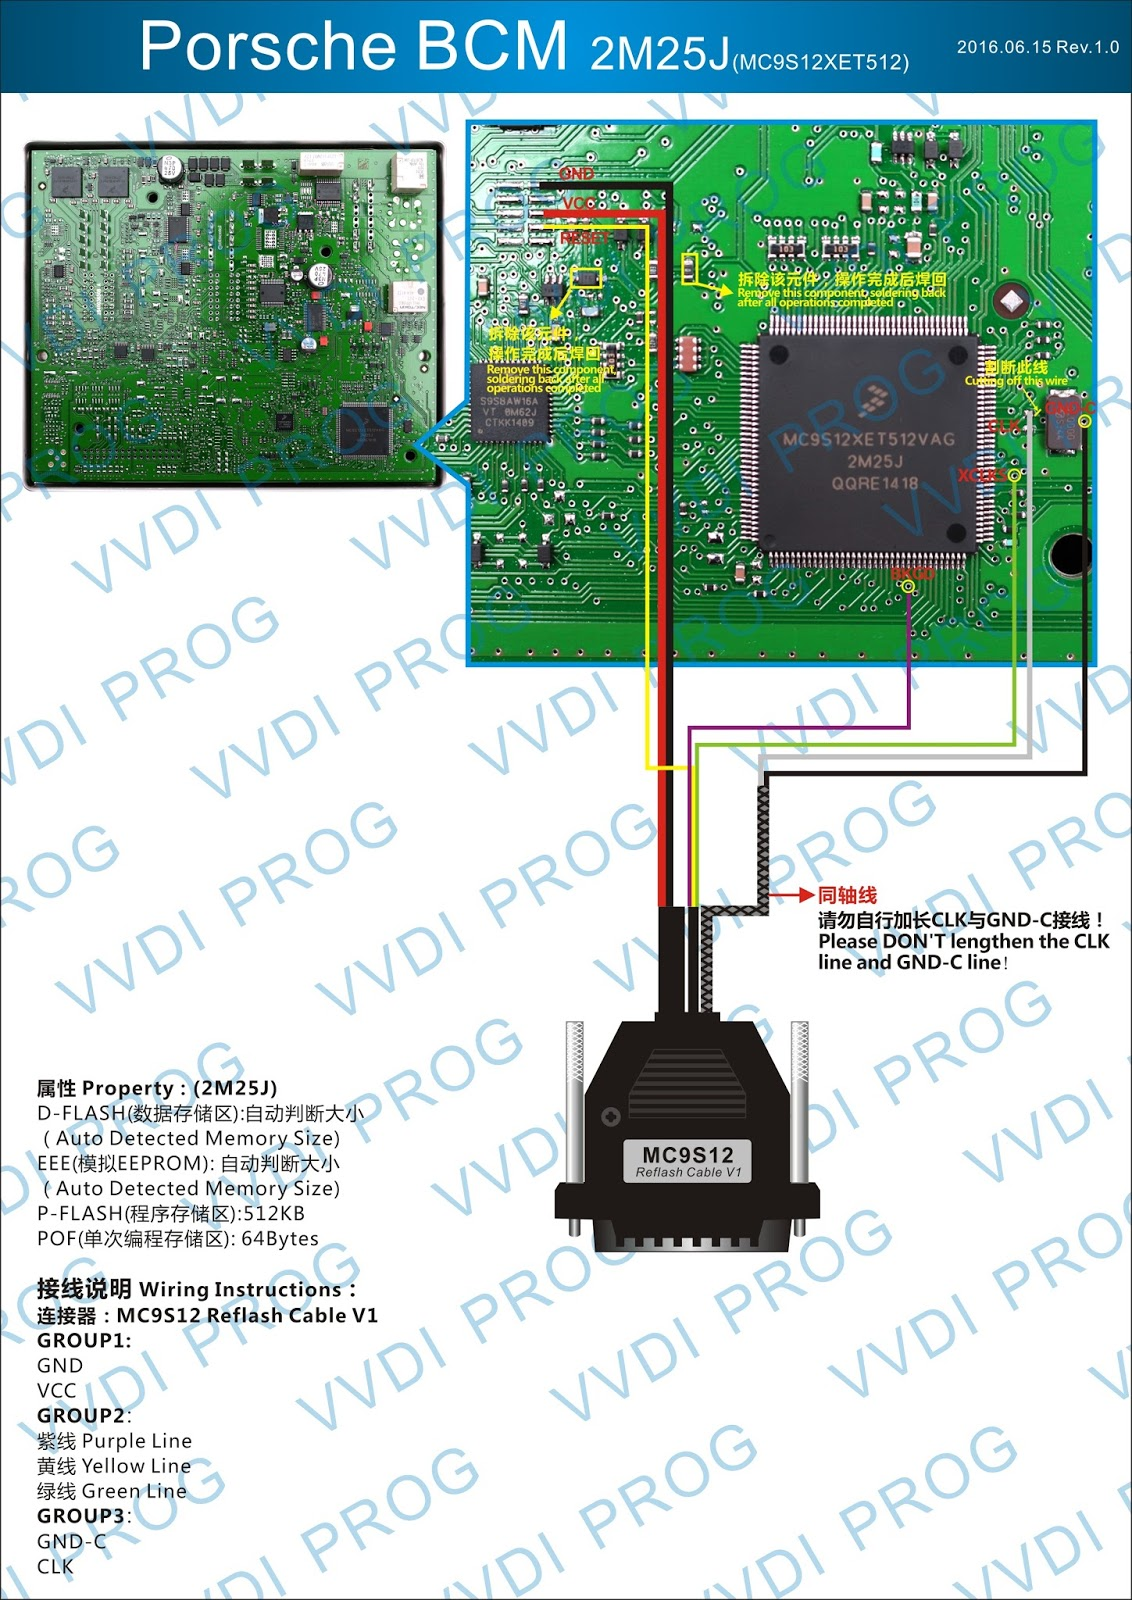 VVDI Prog + VVDI2 Program Porsche BCM 2M25J Key | OBD2